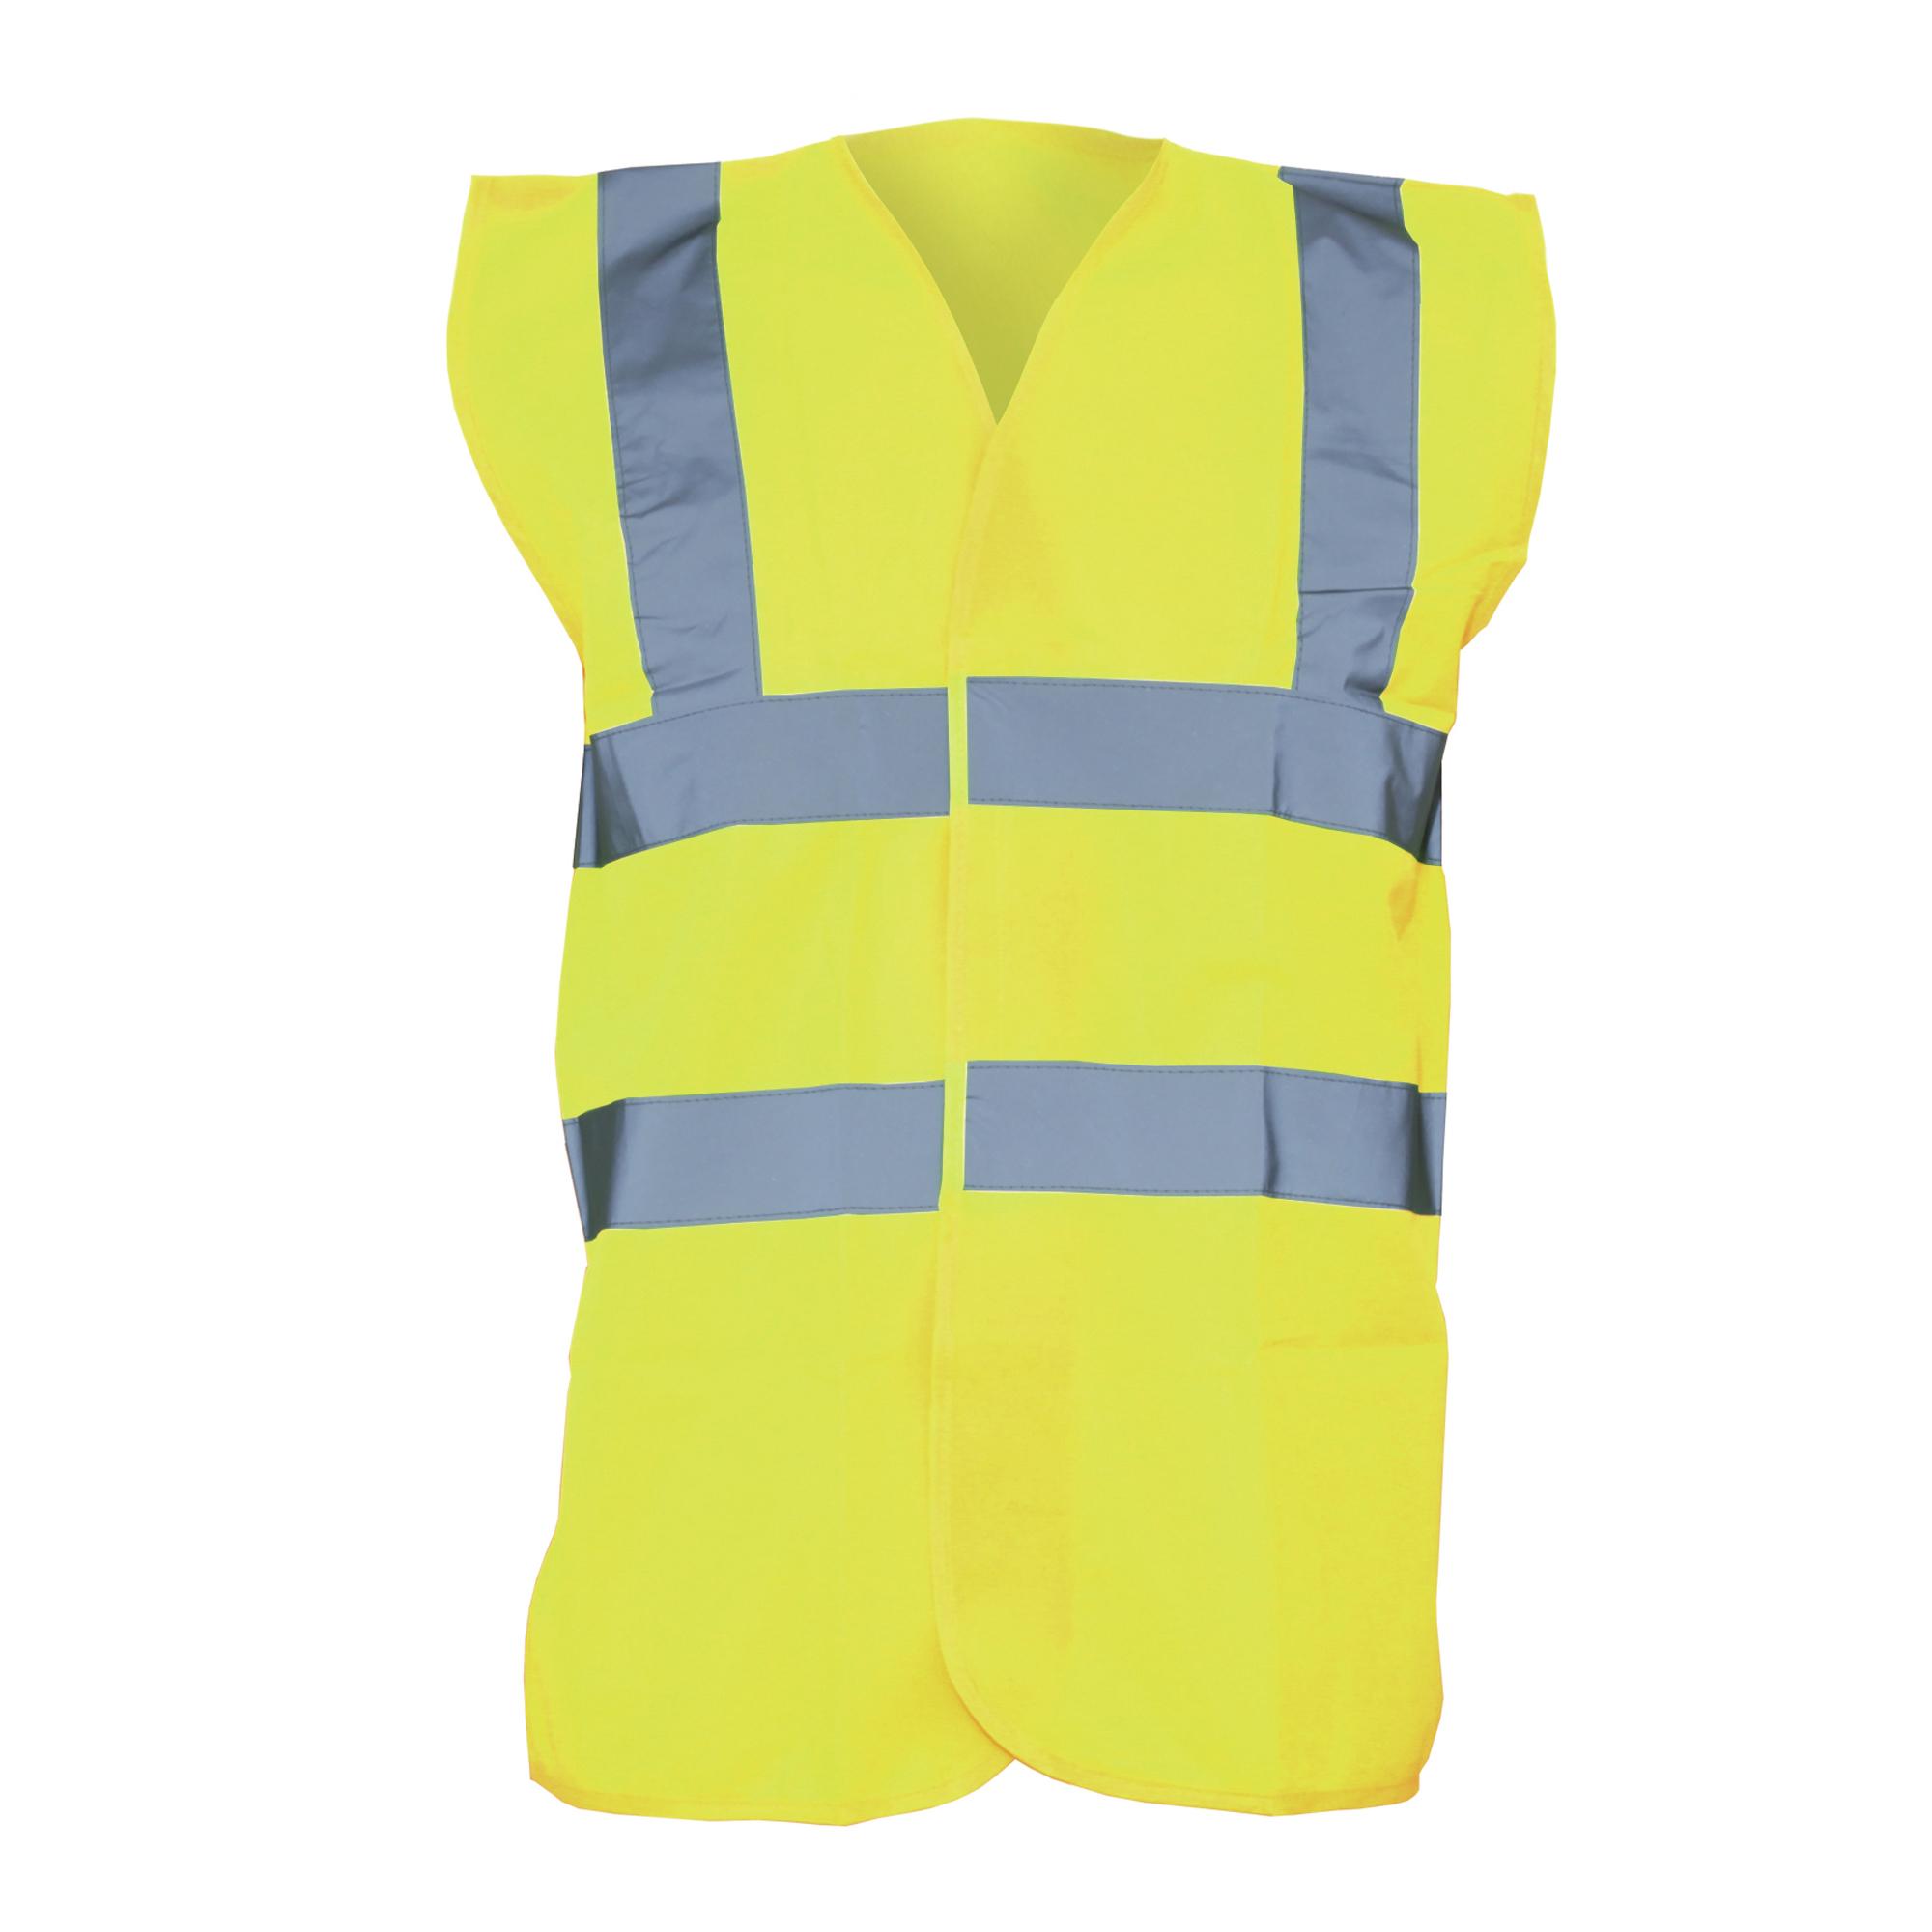 Yoko Unisex Premium Hi-Vis Waistcoat Vest / Jacket (S) (Hi-Vis Yellow)